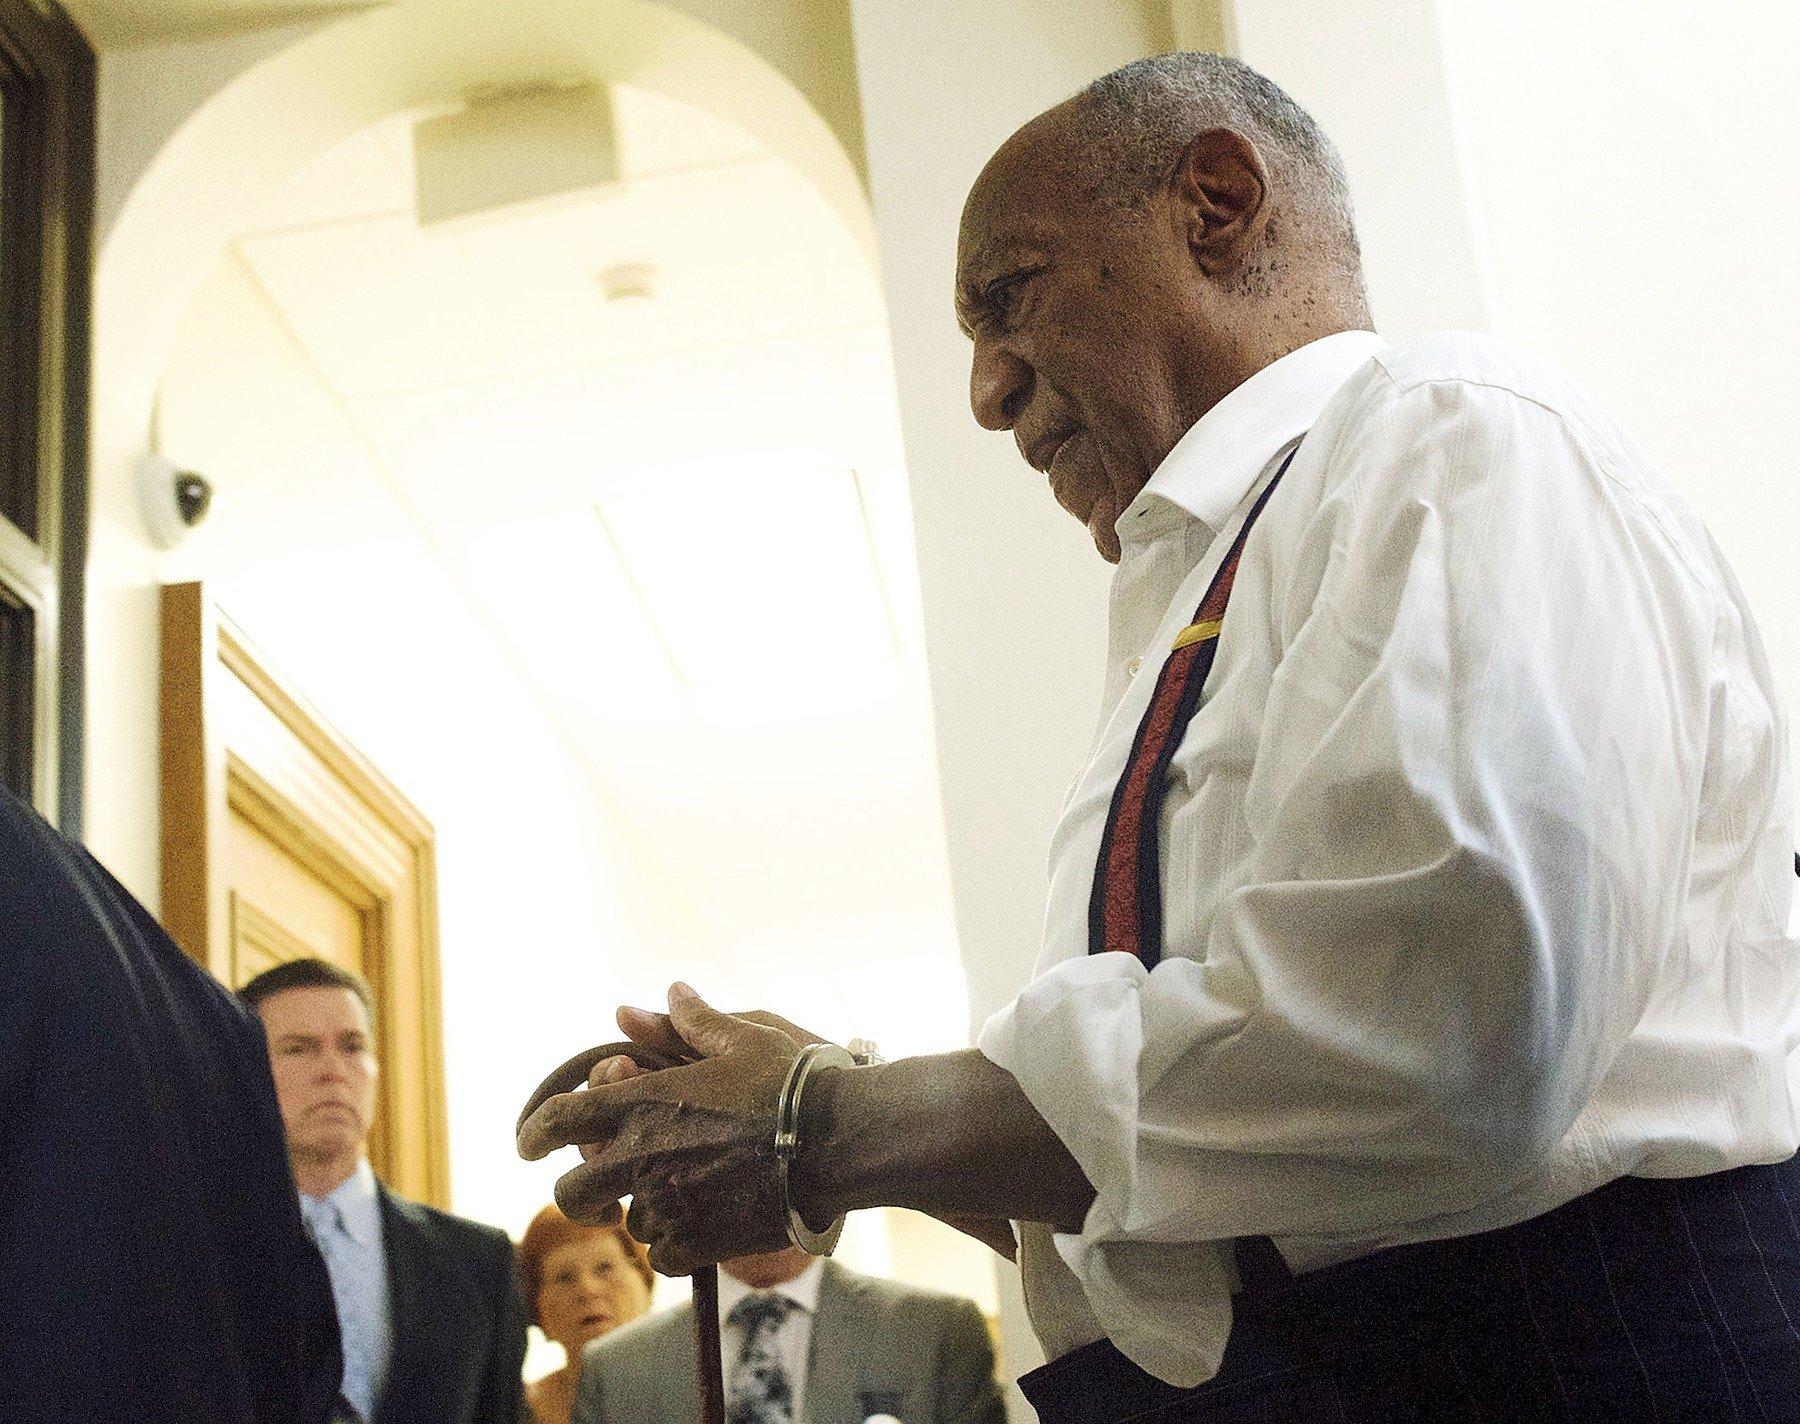 Billa Cosbyja provode u zatvor u rujnu 2018.